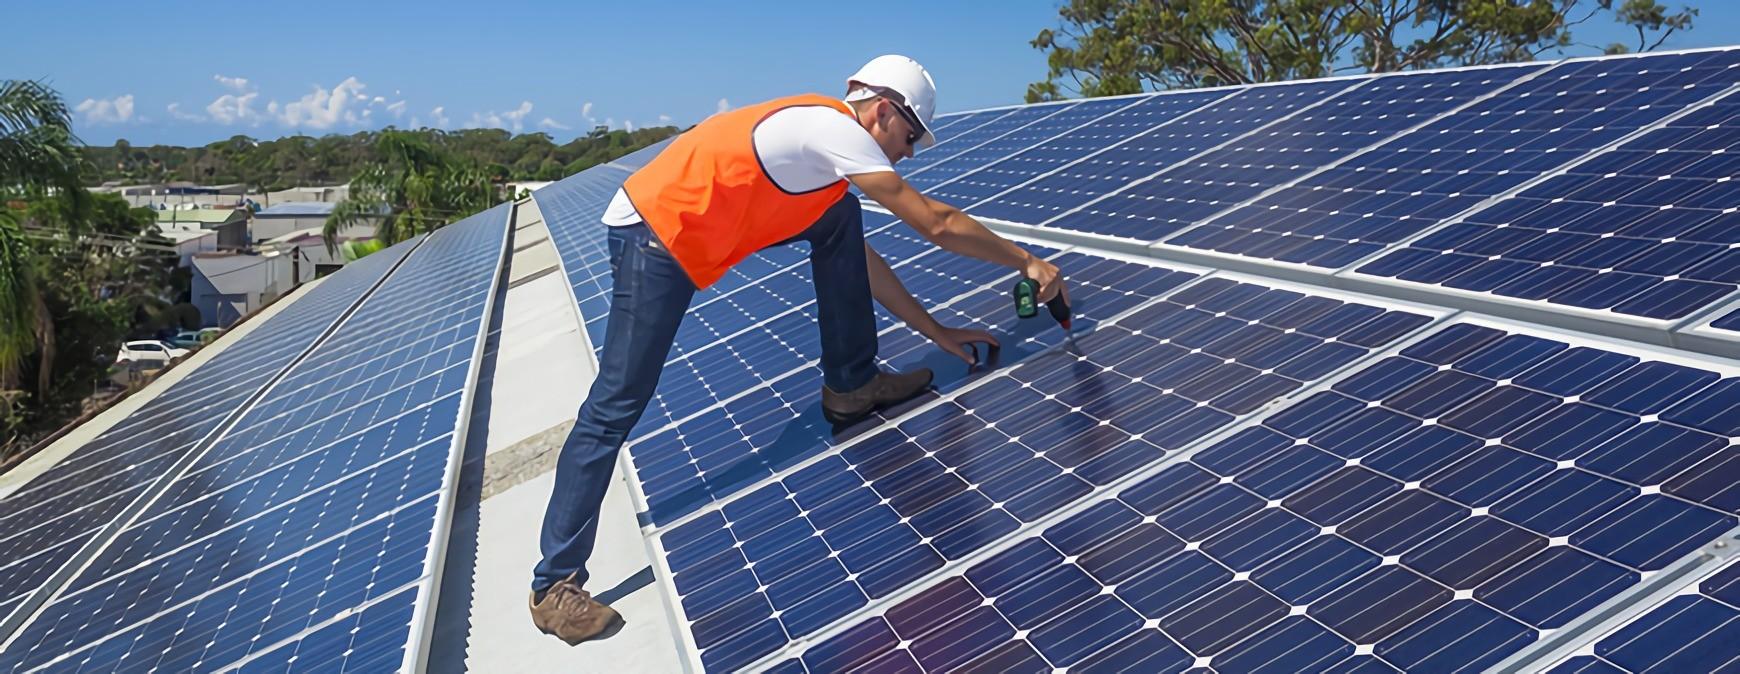 renewable energy job training